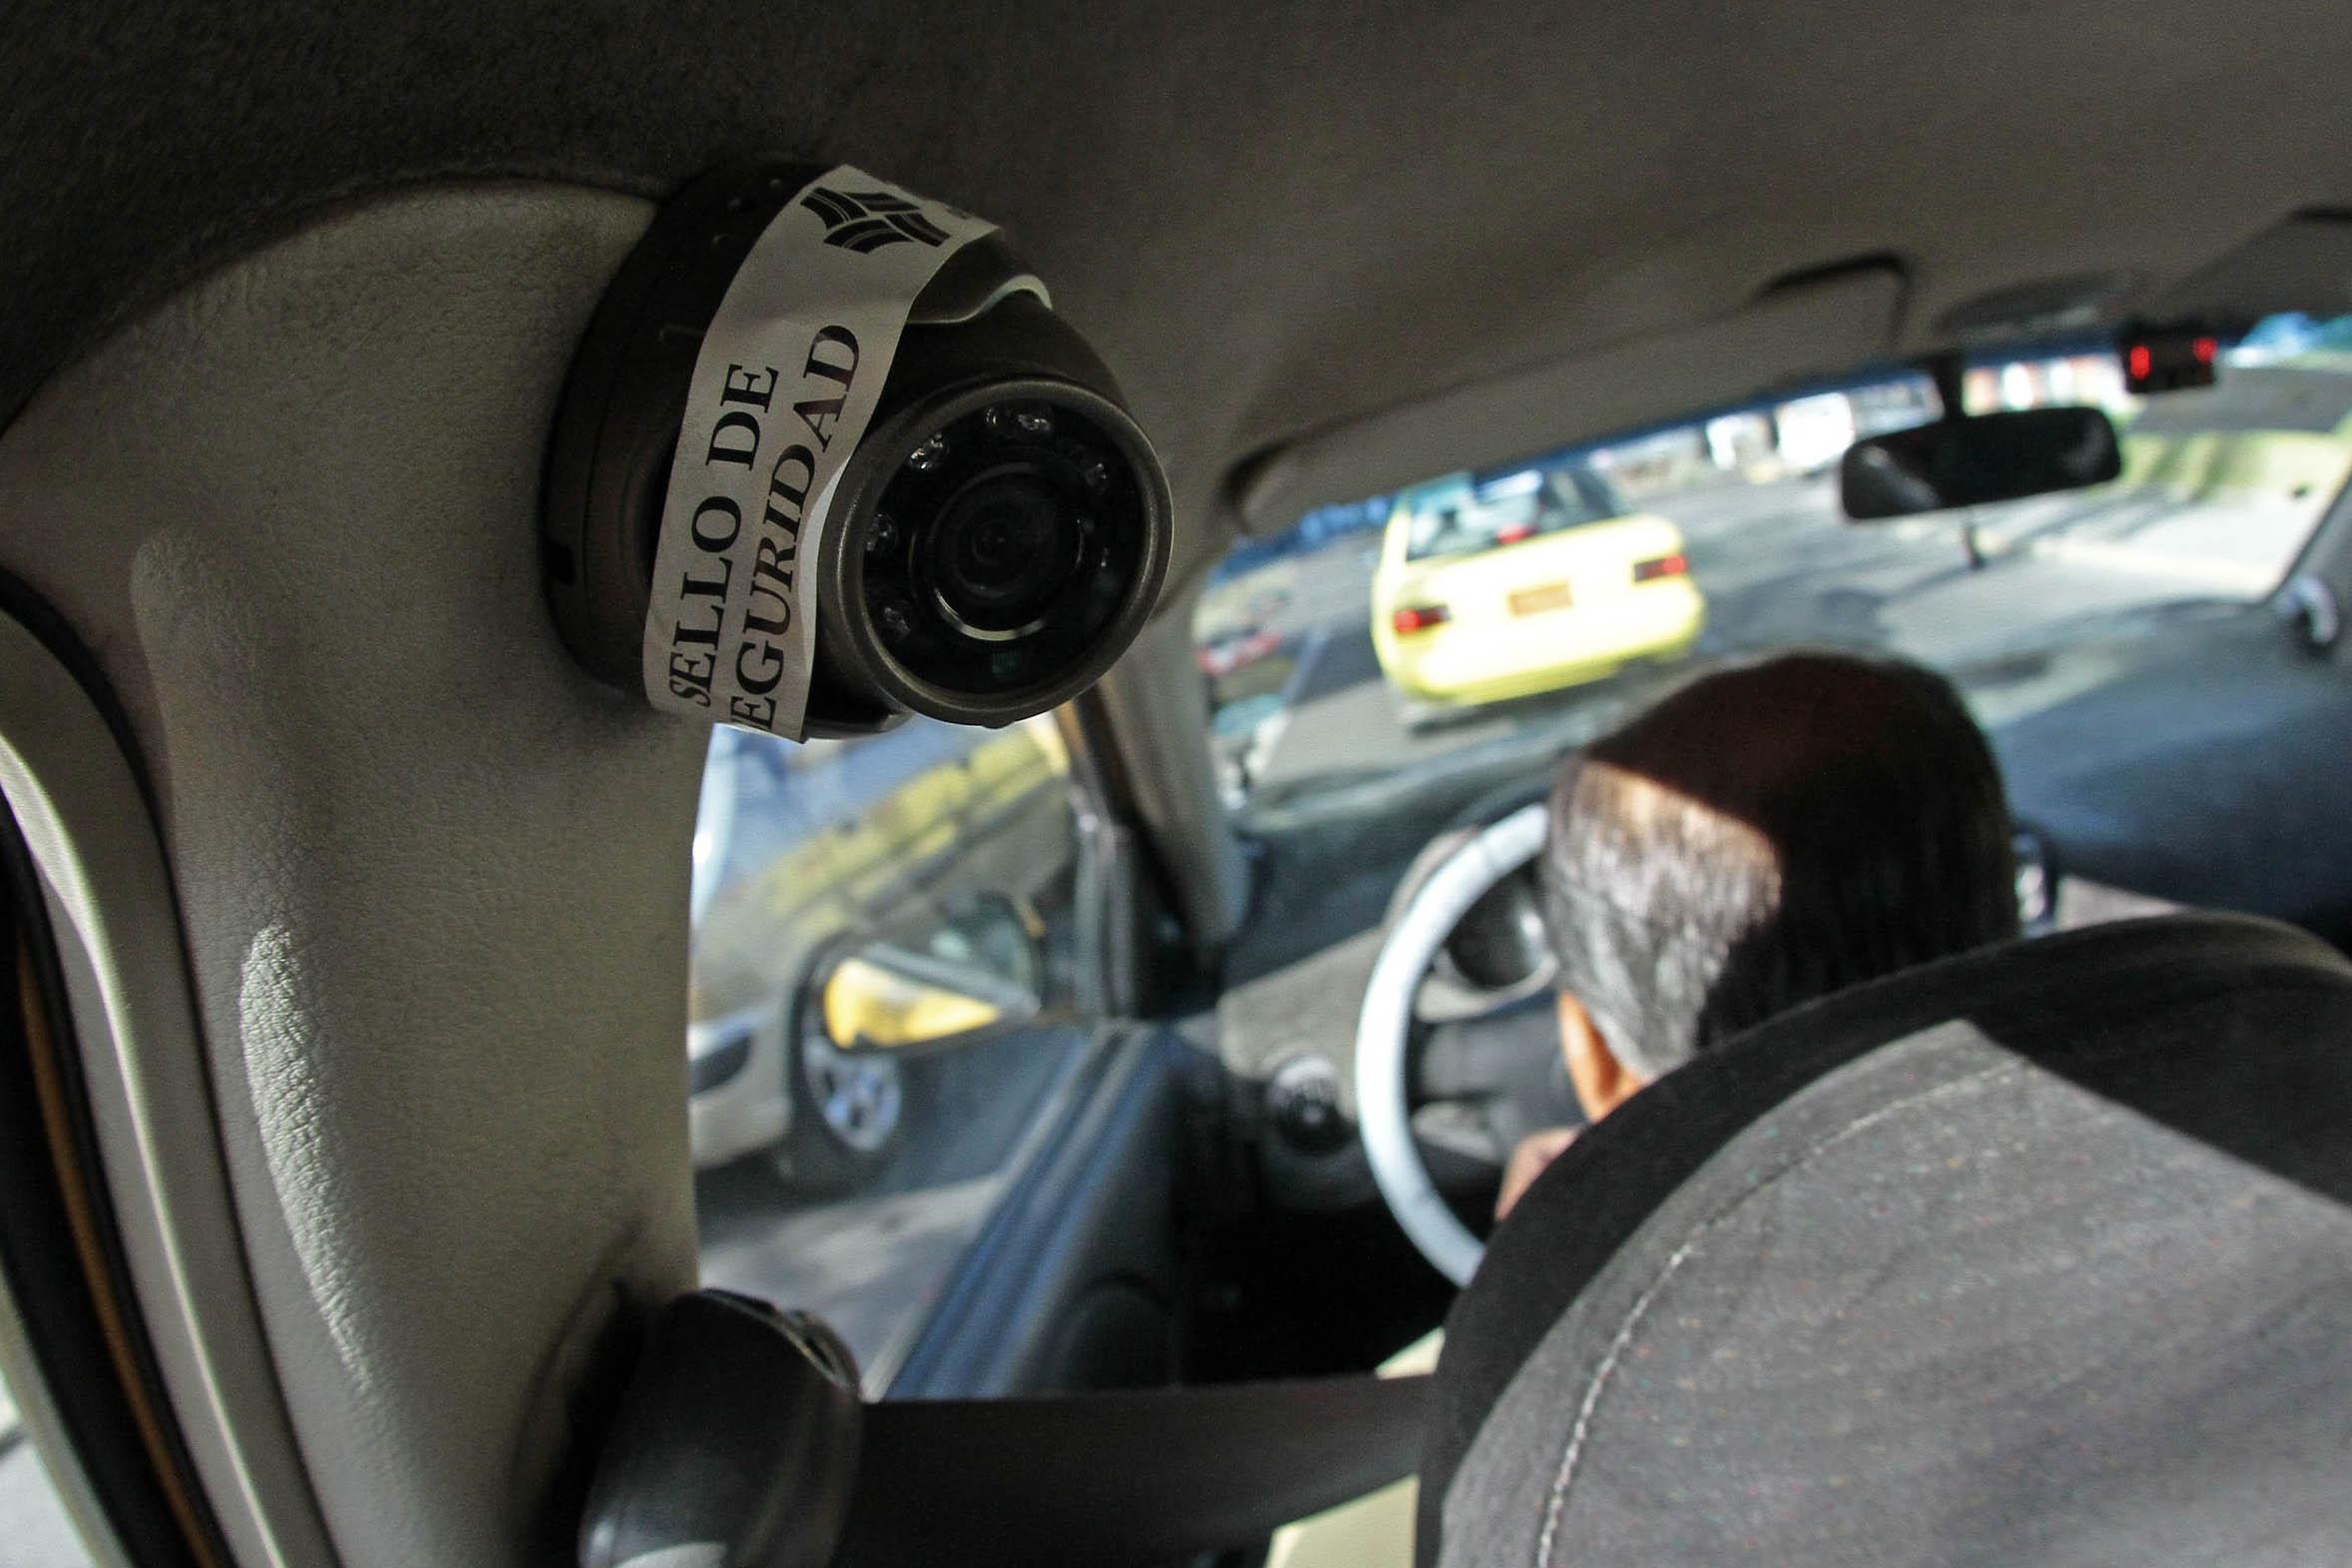 Kommen in Autos bald serienmäßig Überwachungskameras?